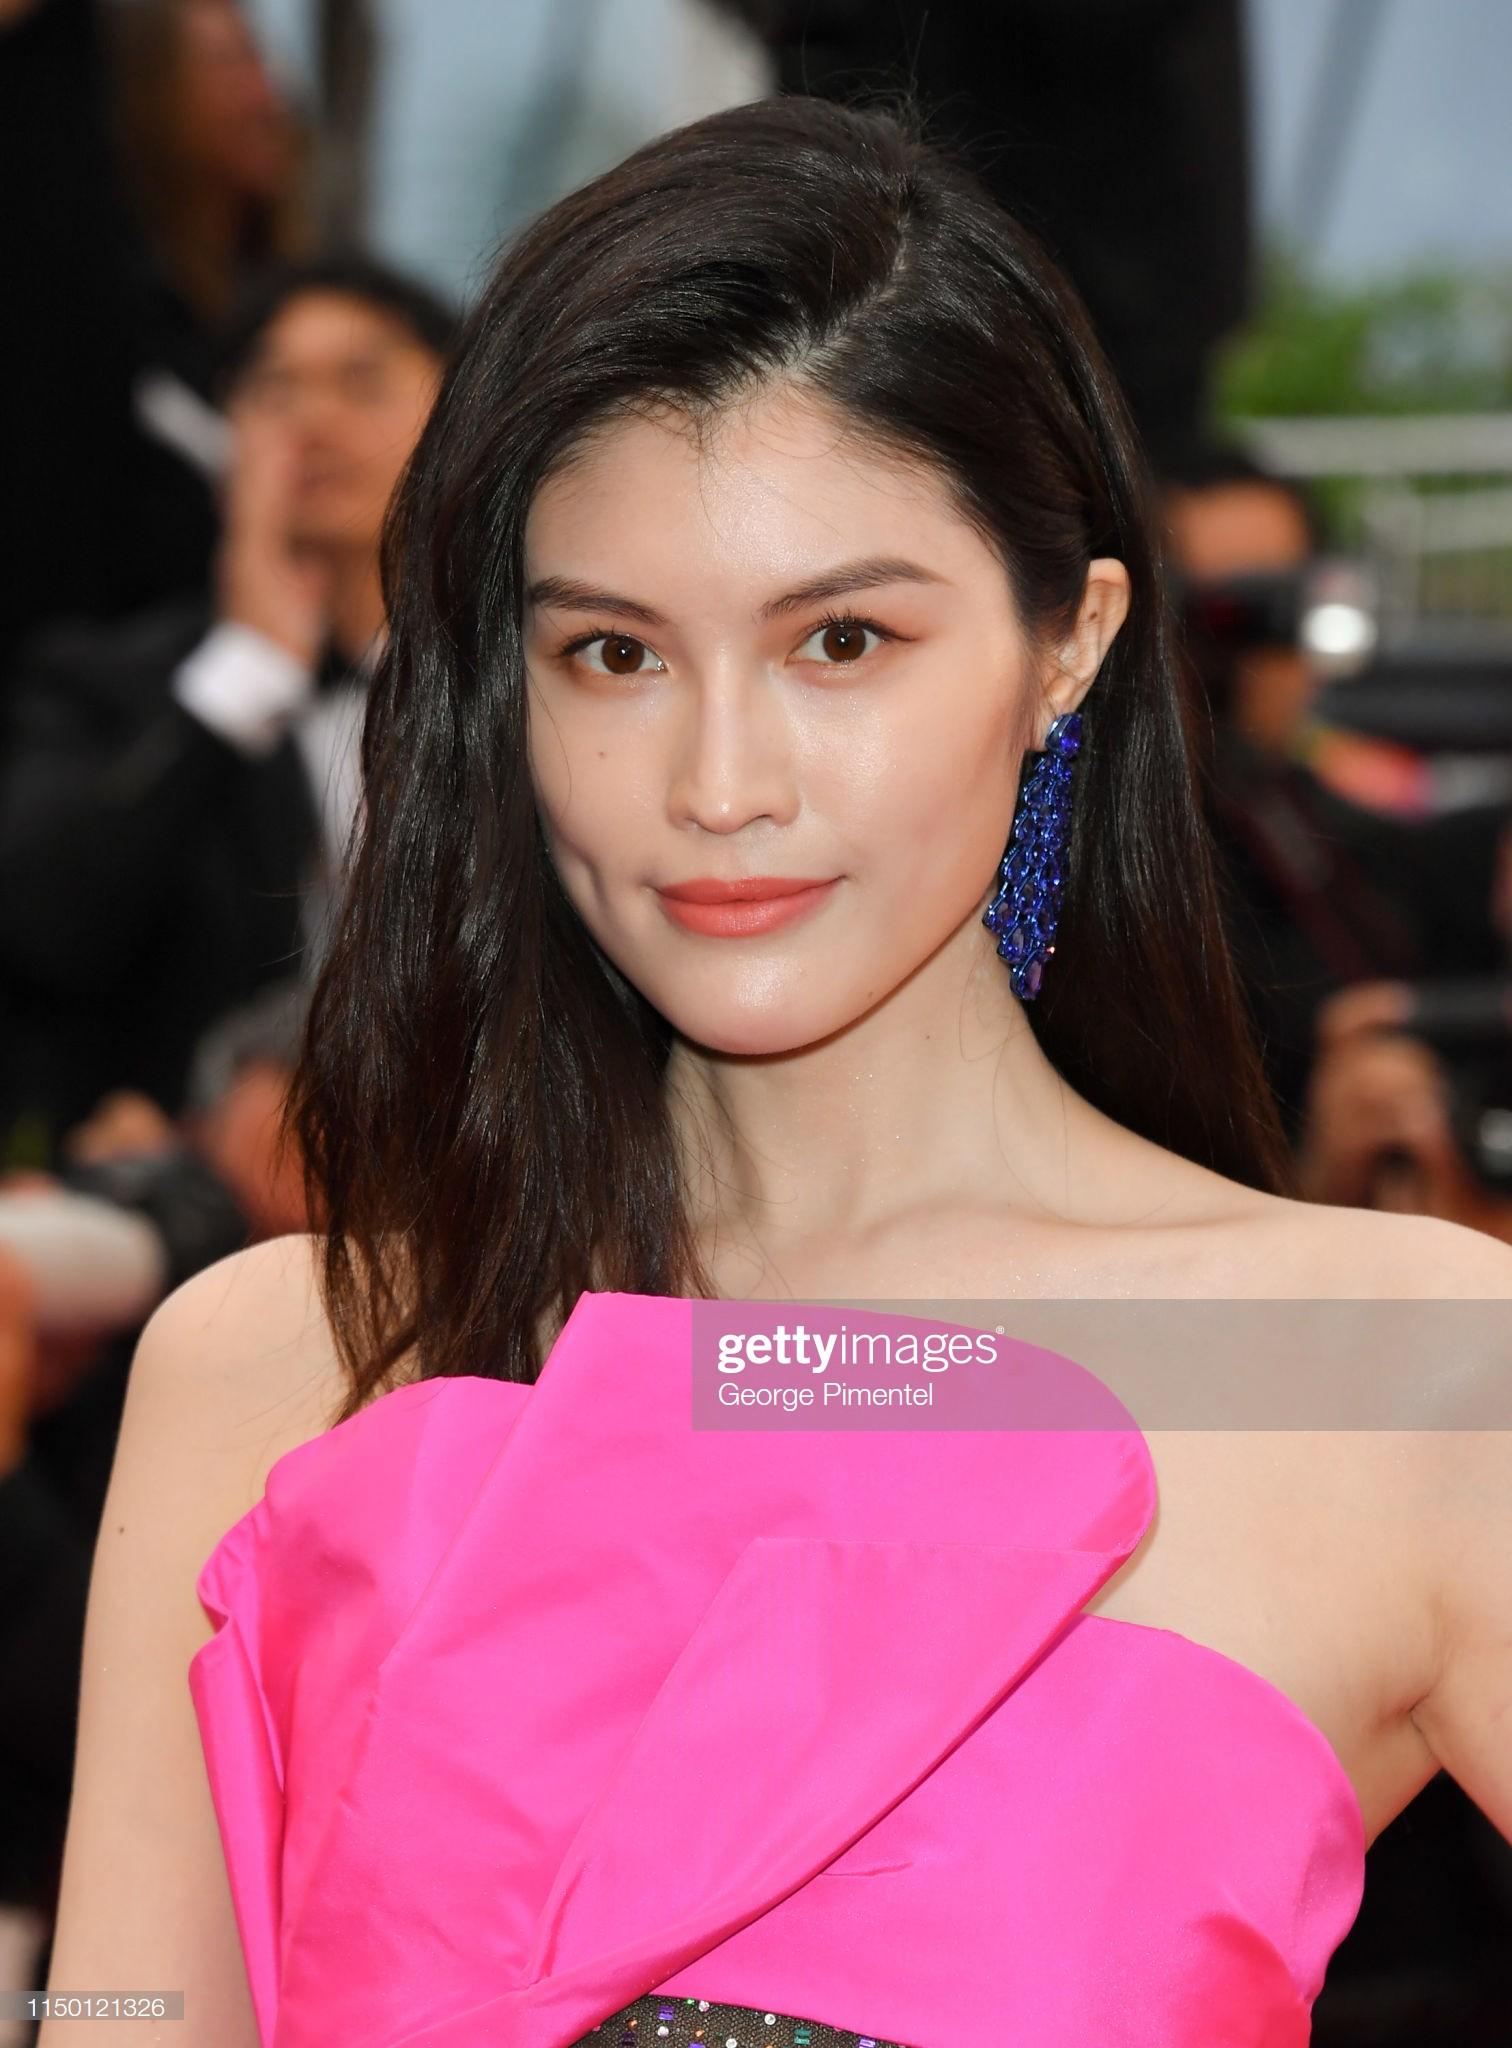 2 thái cực của 2 chân dài Victorias Secret Trung Quốc tại Cannes: Ming Xi như công chúa, Sui He phô phang đến bức người - Hình 11